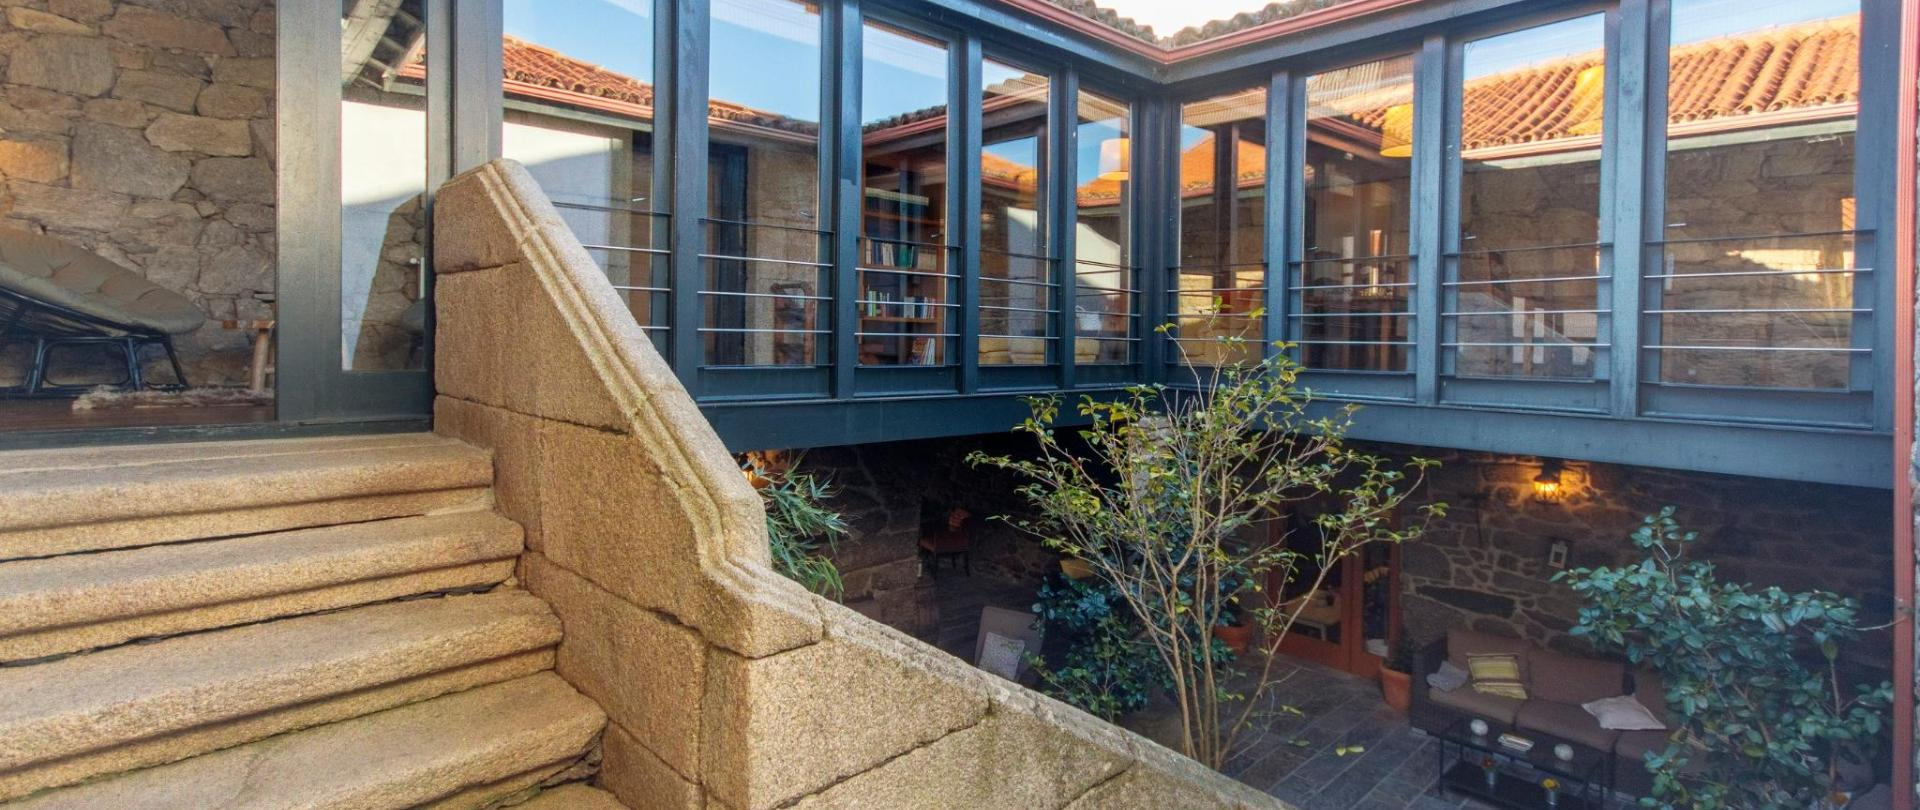 casa-grande_cristosende_180220_104-HDR_baja.jpg